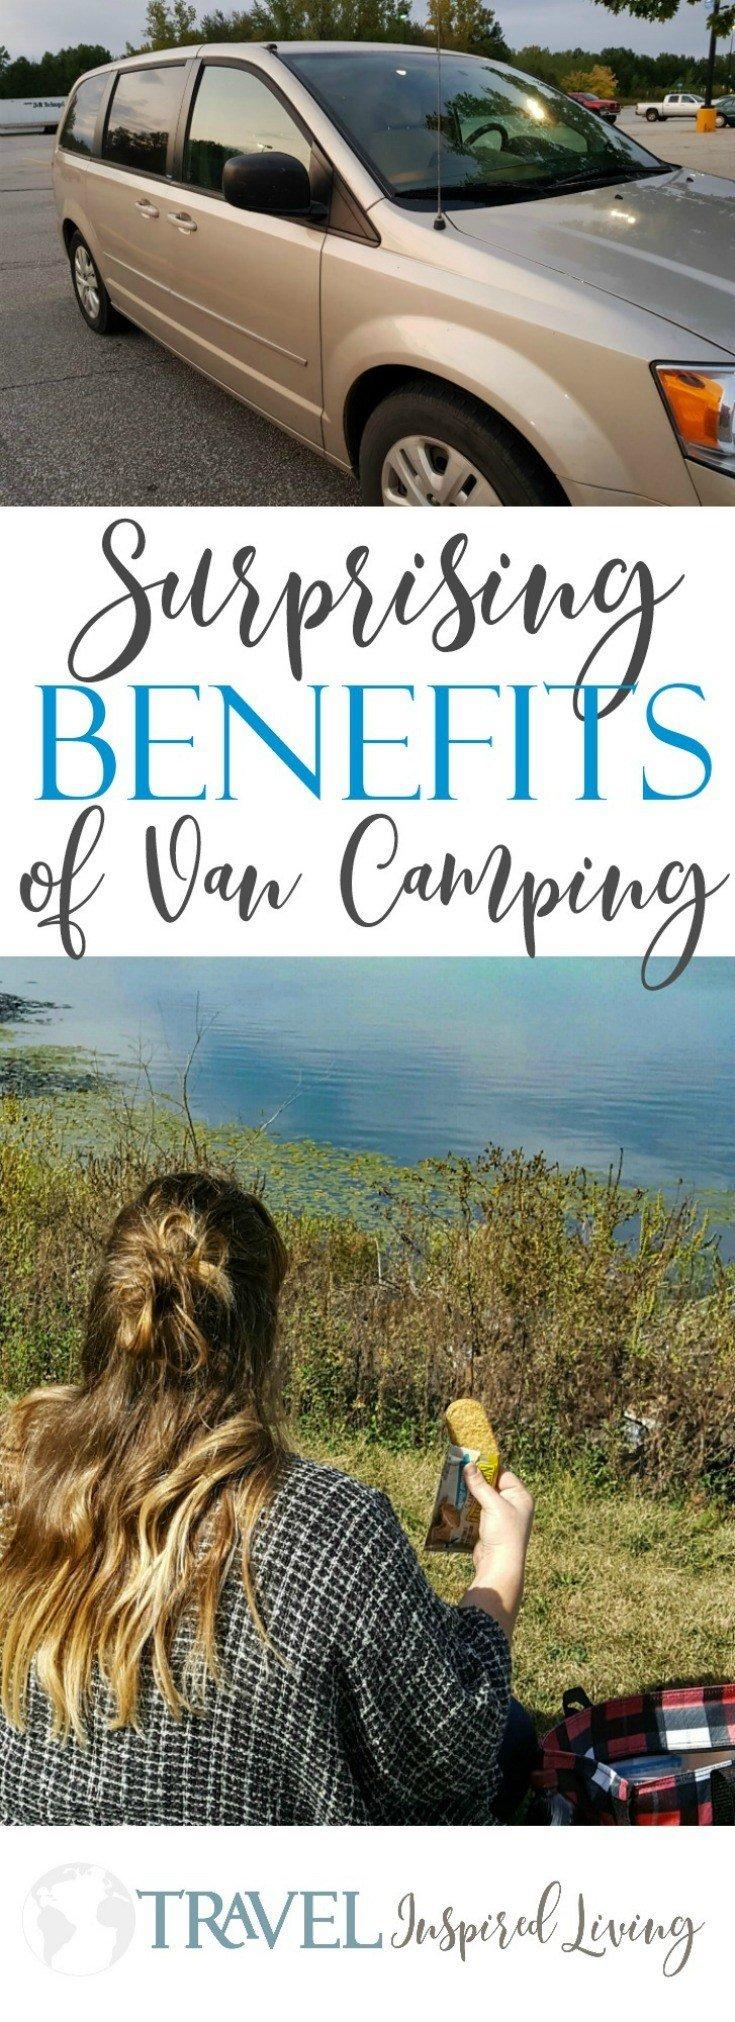 Surprising Benefits of Van Camping